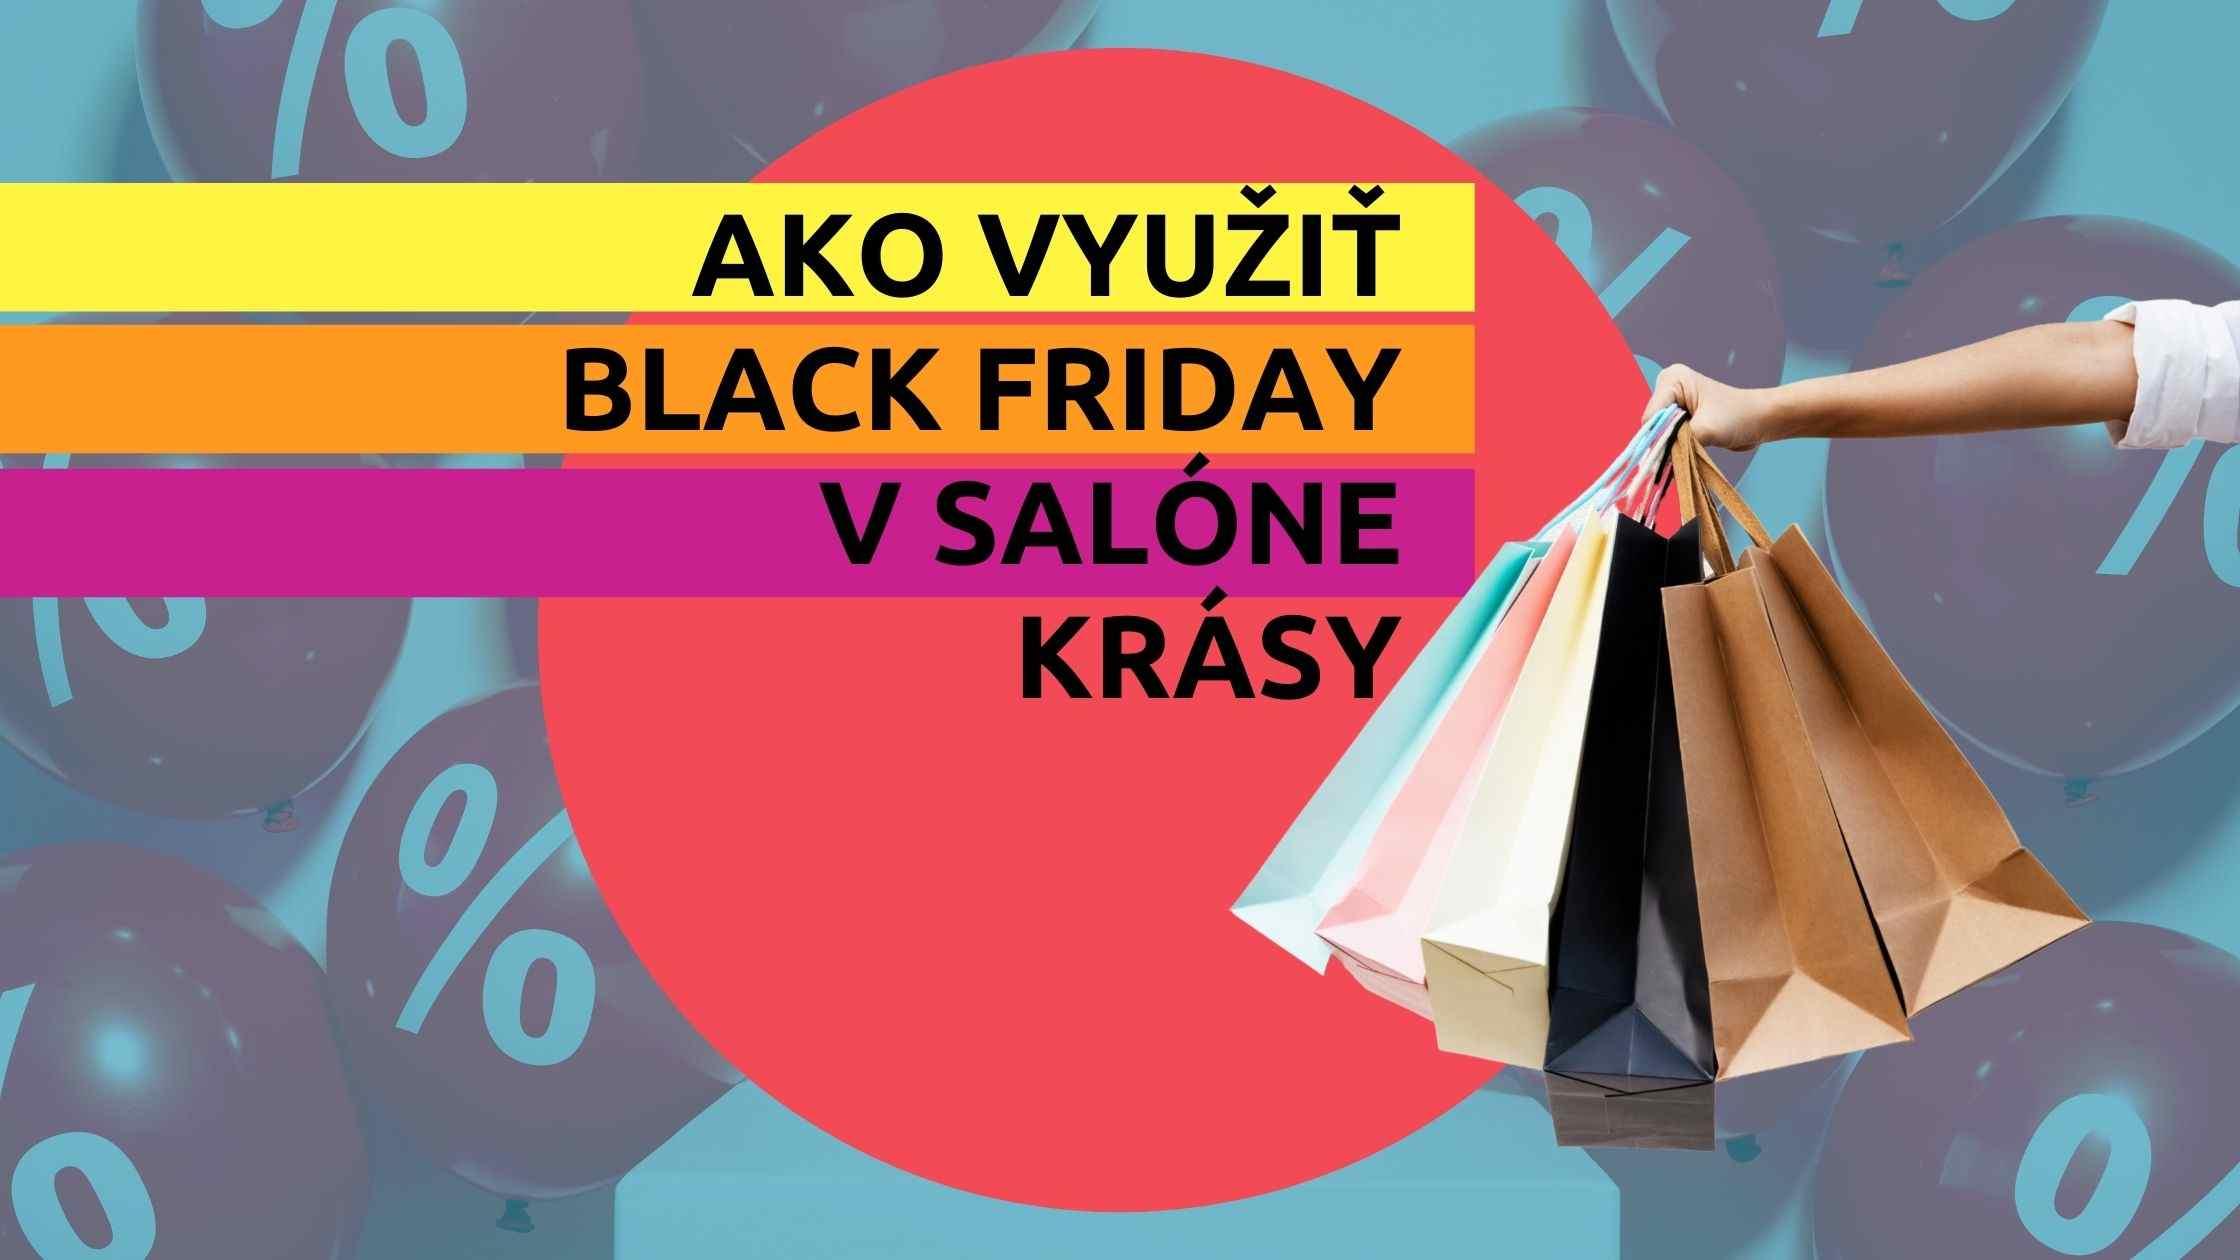 Článok na Marketing pre salóny - Ako využiť Black Friday